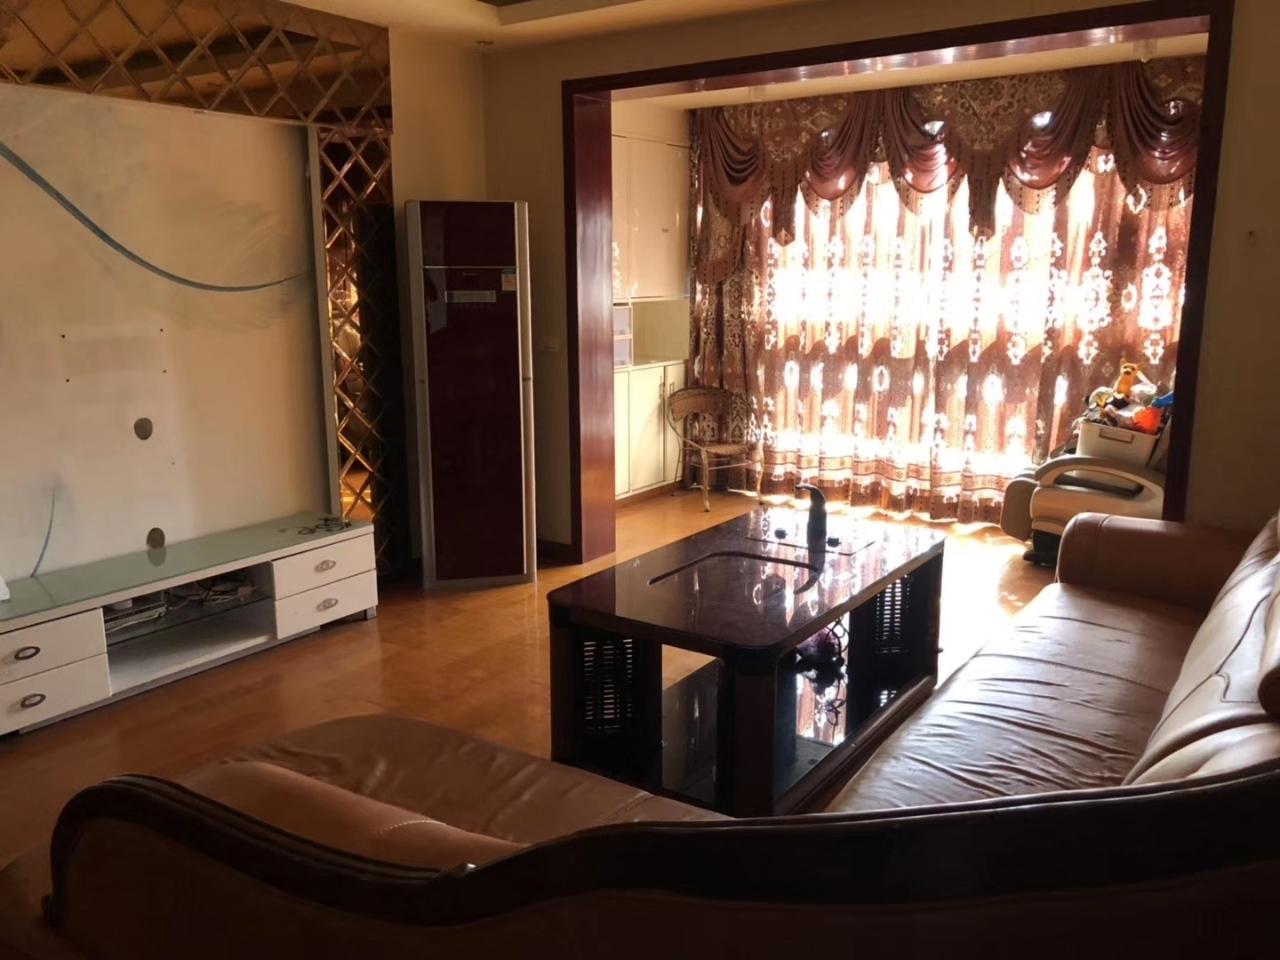 仁怀·超一星城3室 2厅 2卫96万元